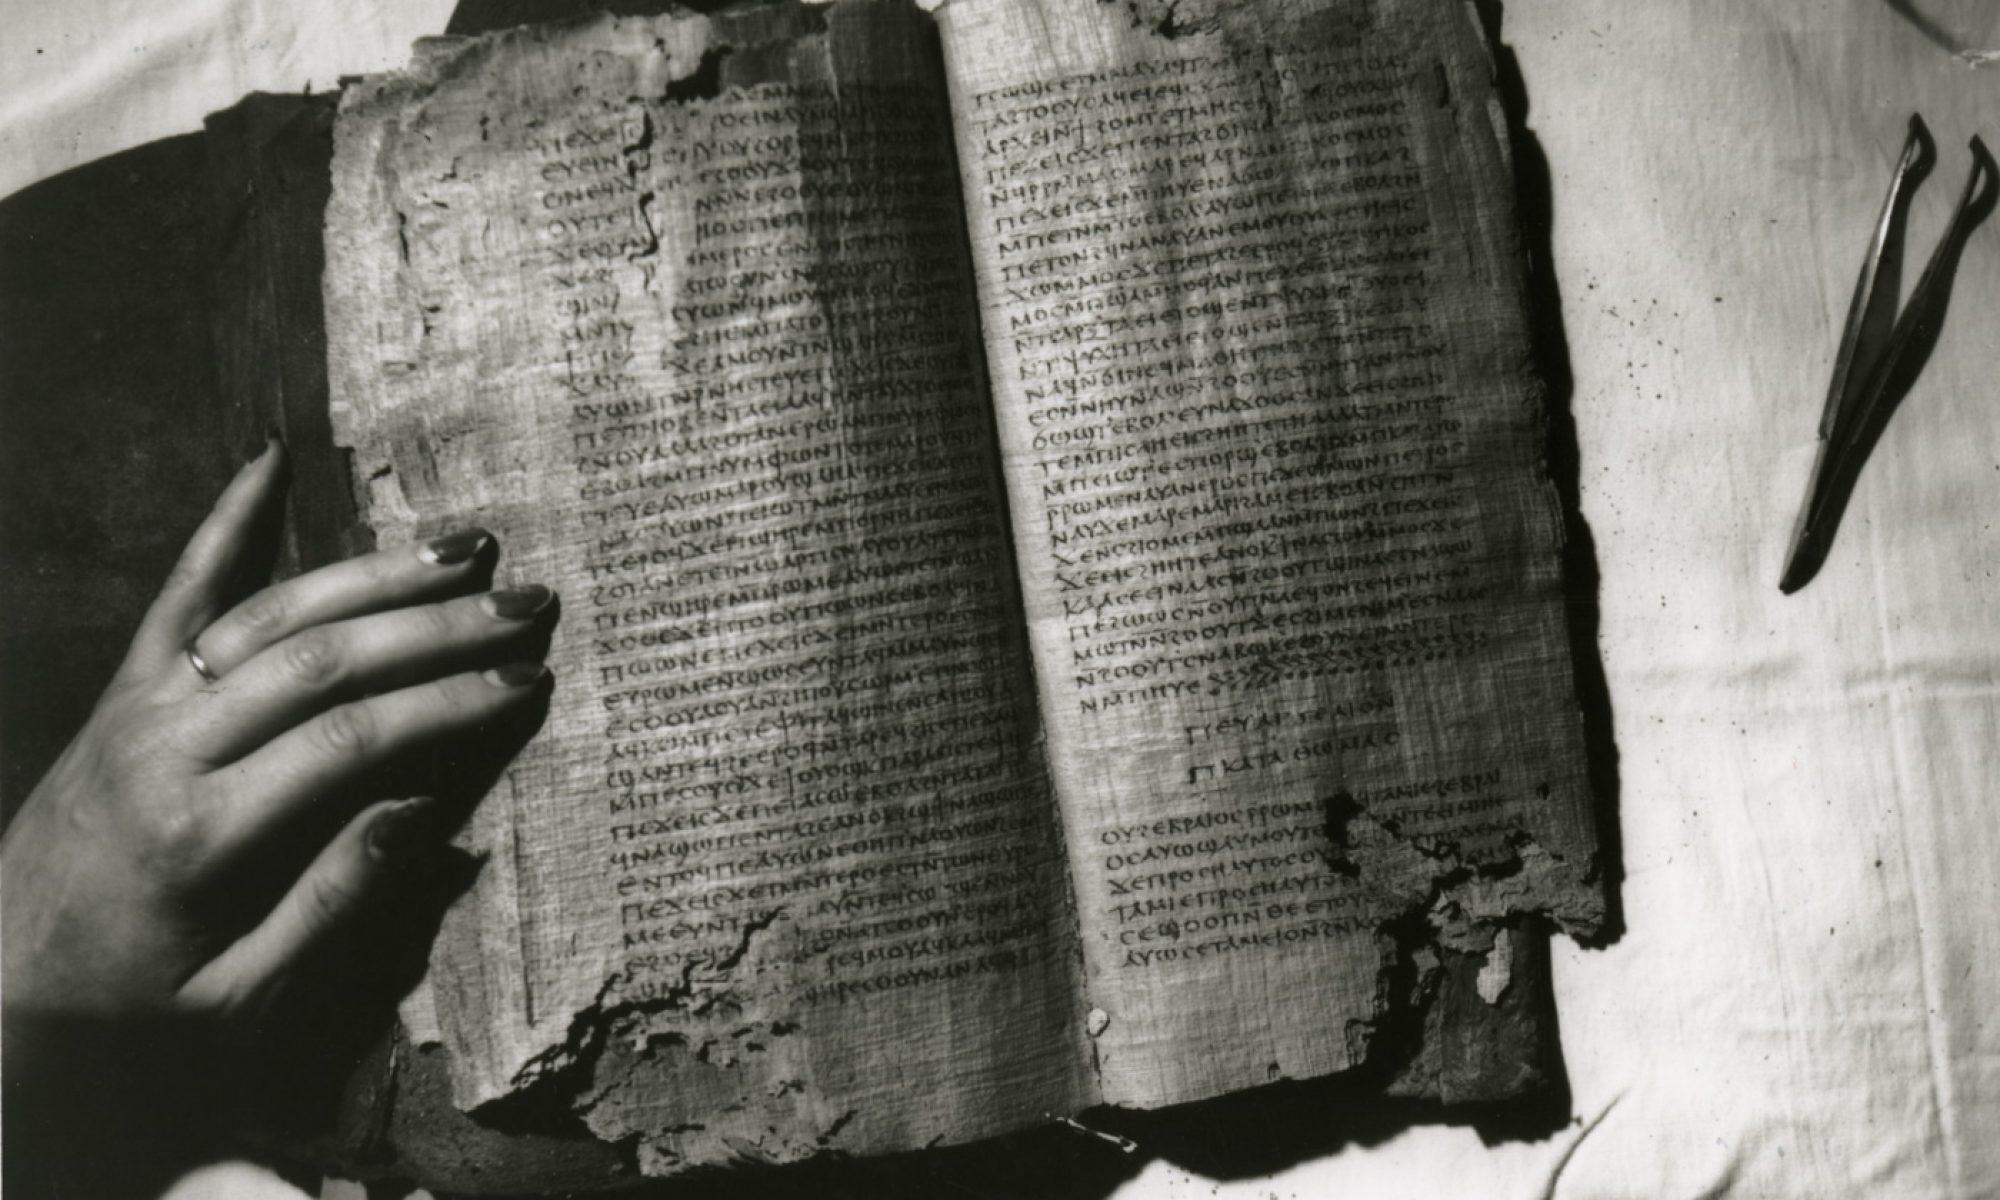 Gnostilaisuus ja varhaiskristillinen kulttuuri